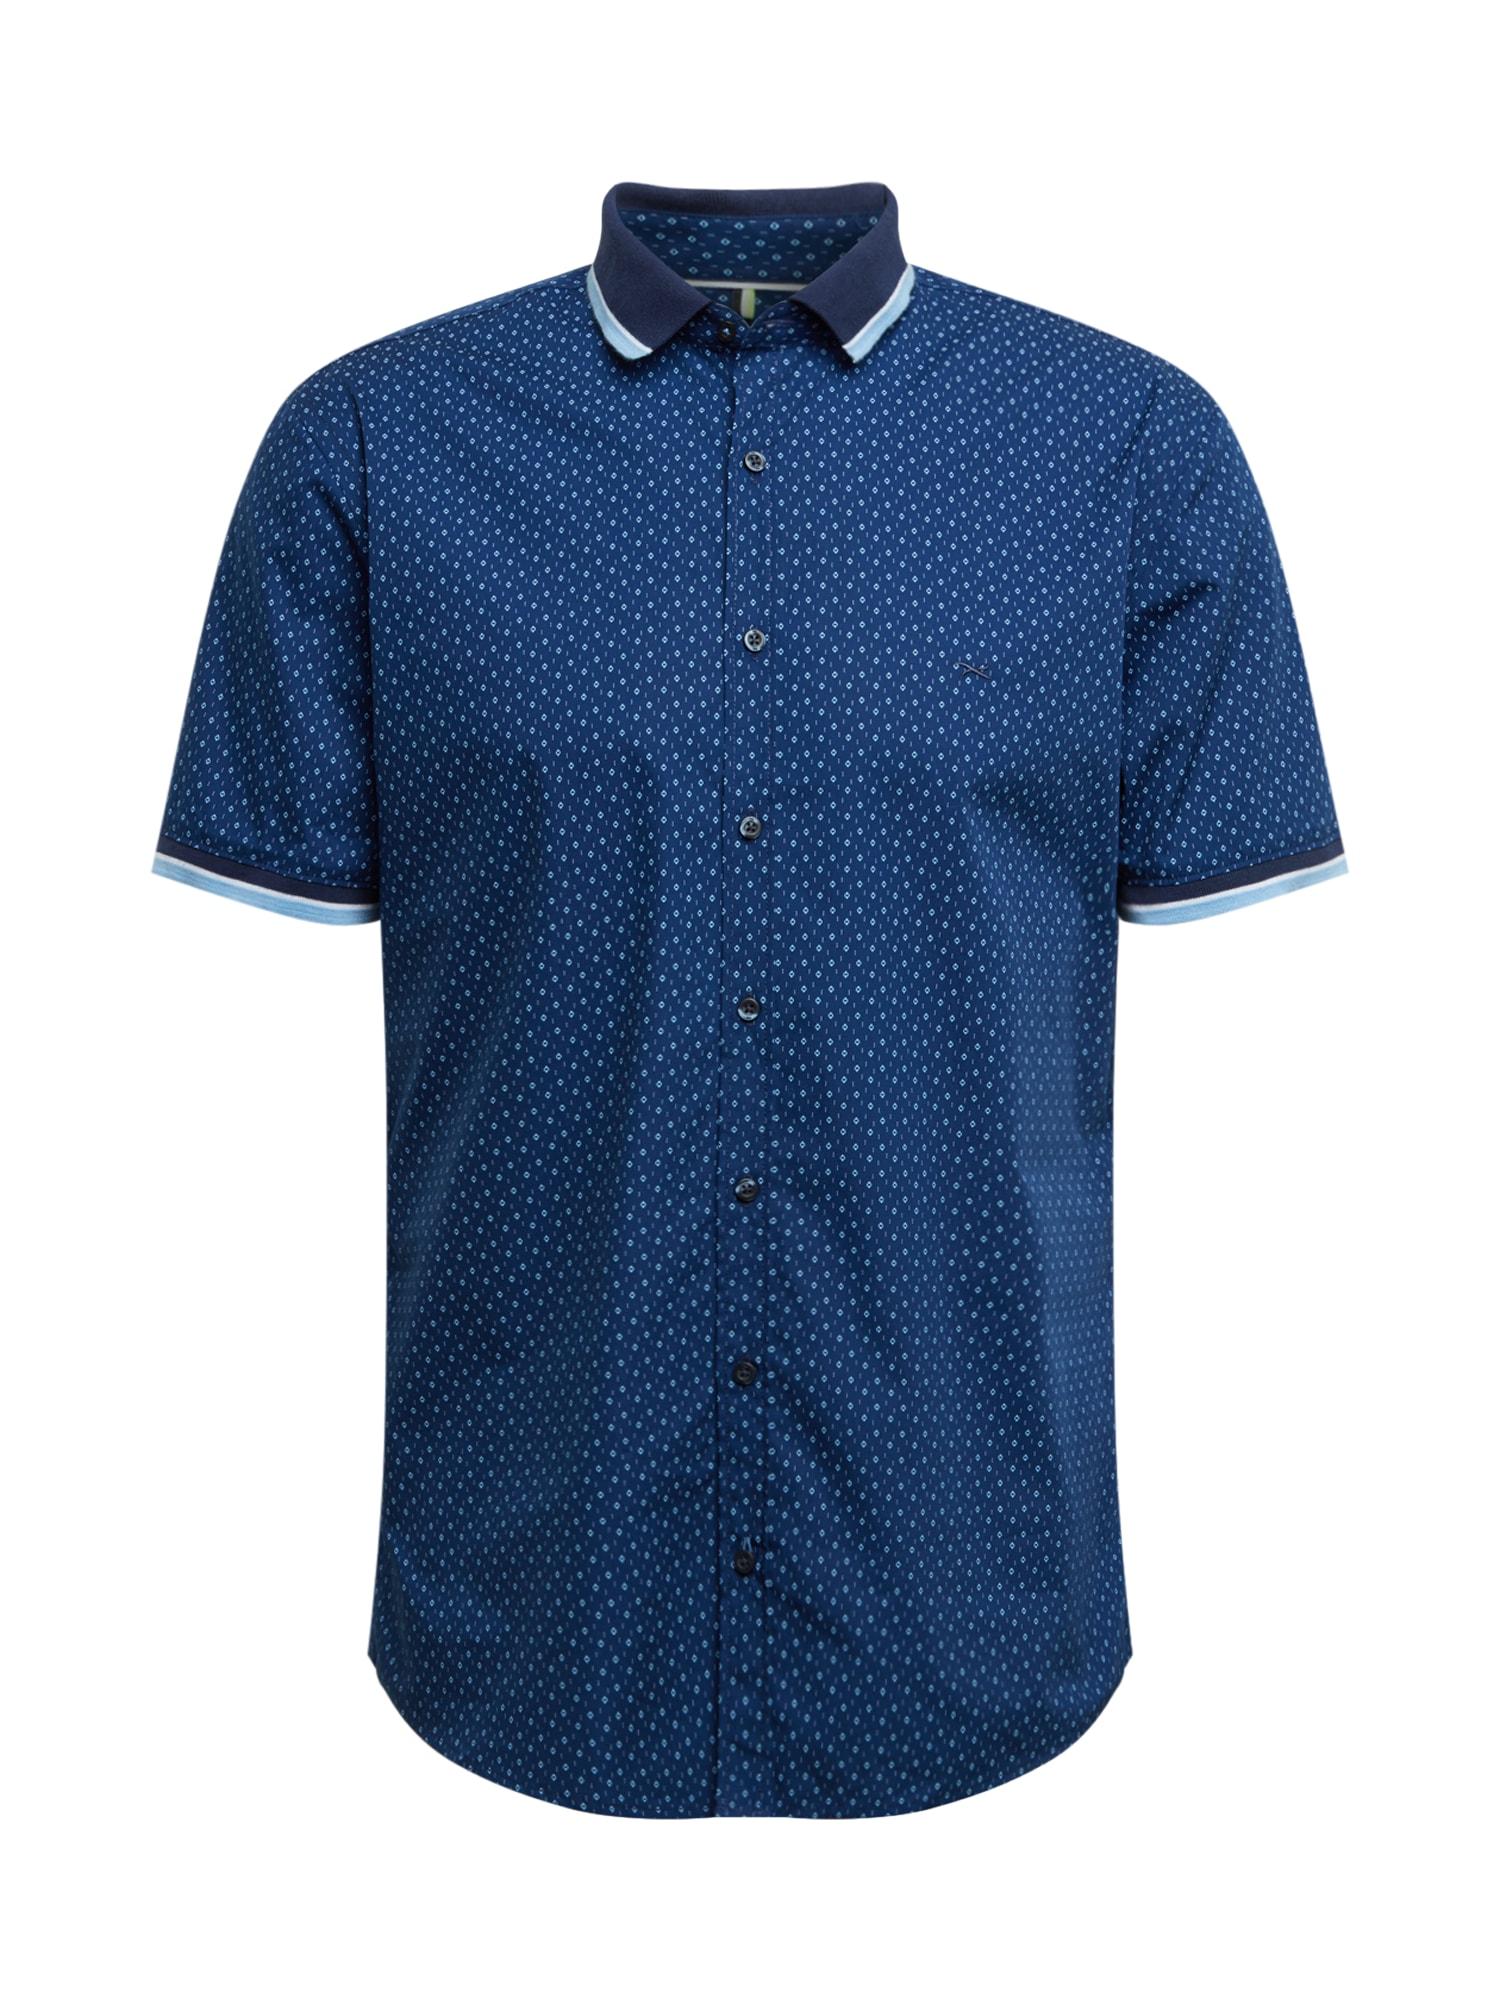 BRAX Dalykiniai marškiniai 'Luke' tamsiai mėlyna